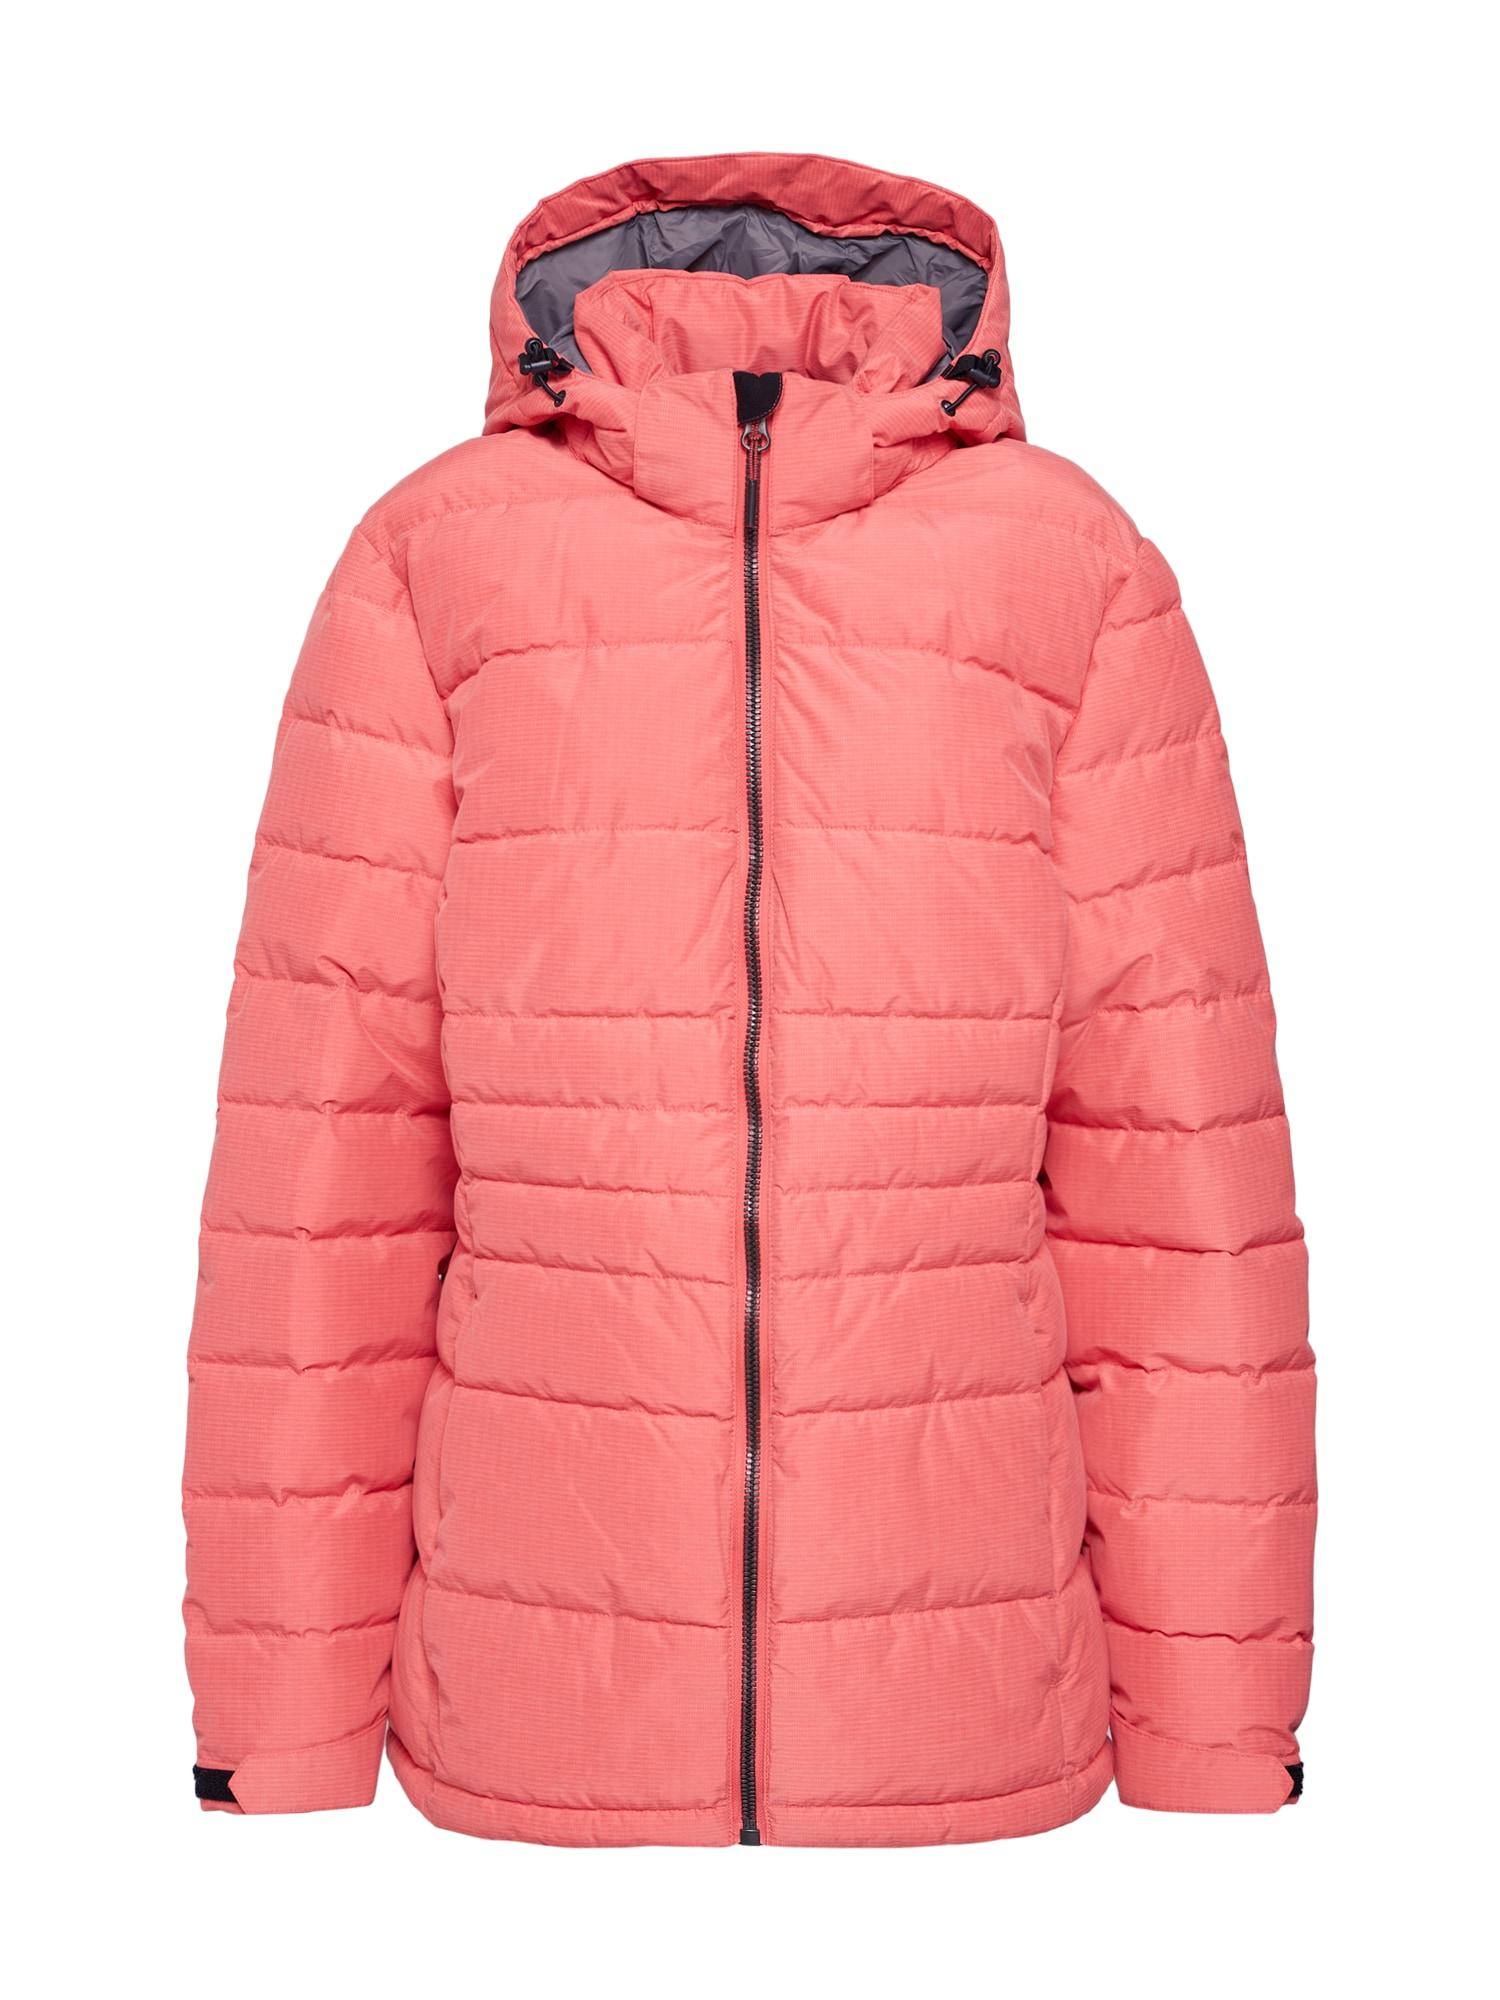 KILLTEC Žieminė striukė 'Edna' rožinė